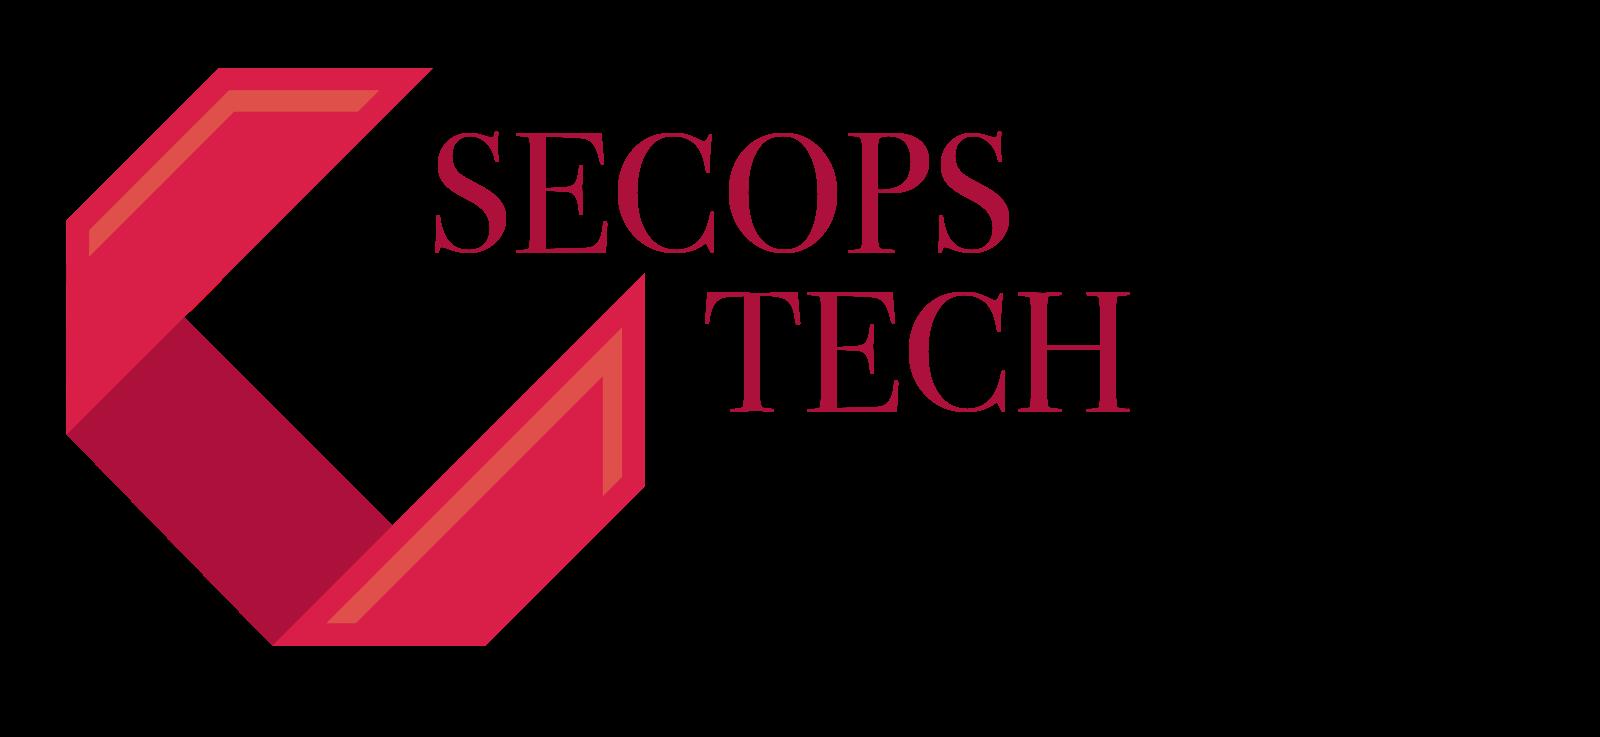 Secops Tech